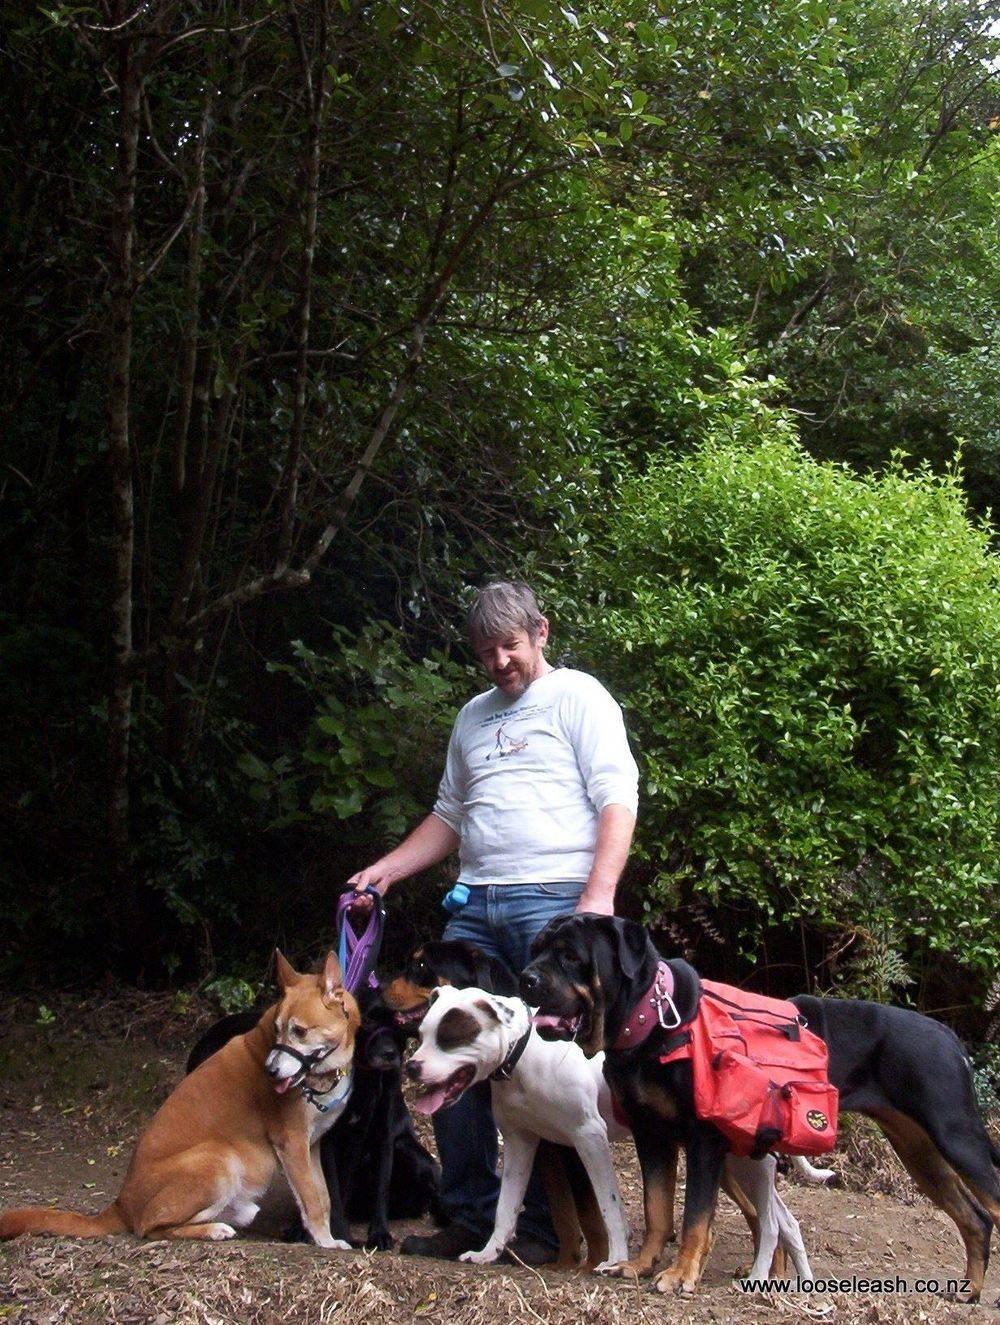 Johnsonville Dog Walker at Khandallah Park, Wellington